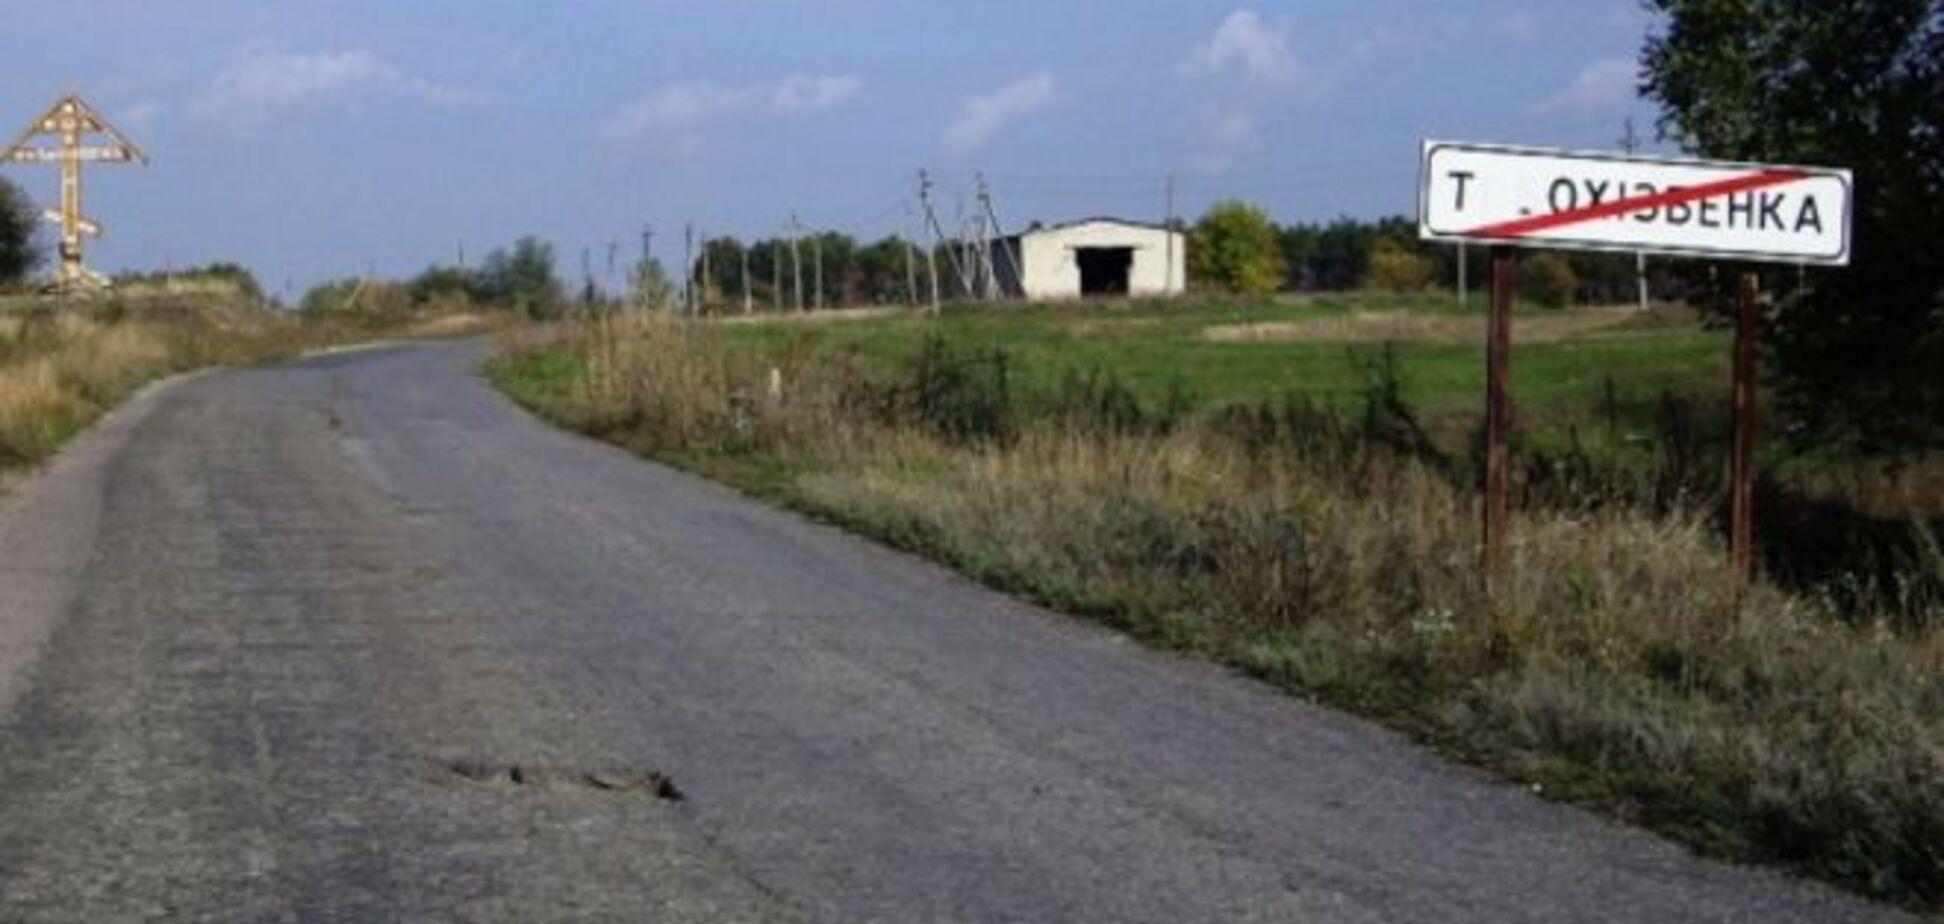 В Трехизбенке из-за обстрела вспыхнул противотуберкулезный диспансер